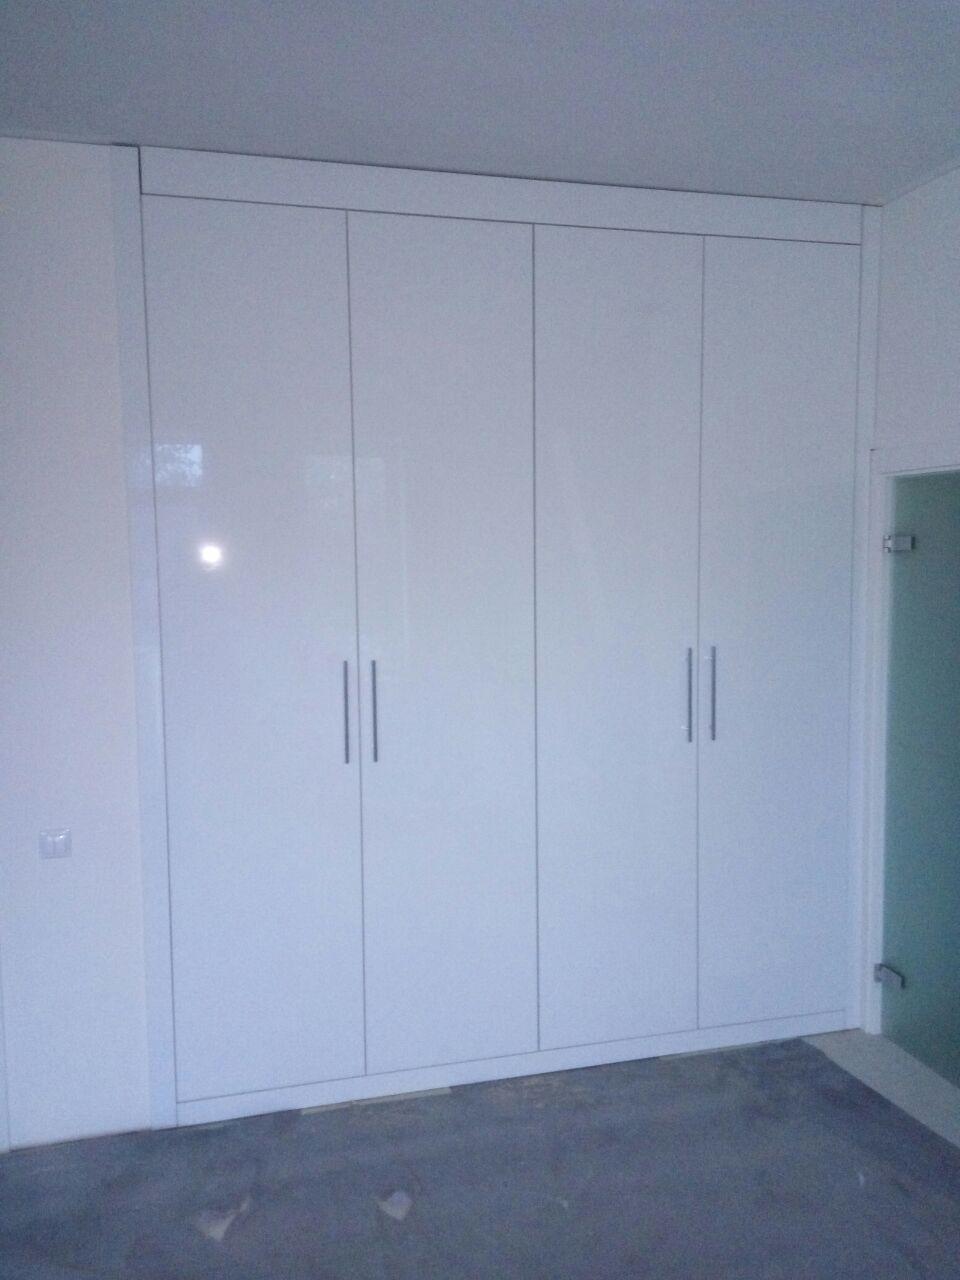 Шкаф встроенный с распашными дверями в прихожую глянцевые бе.